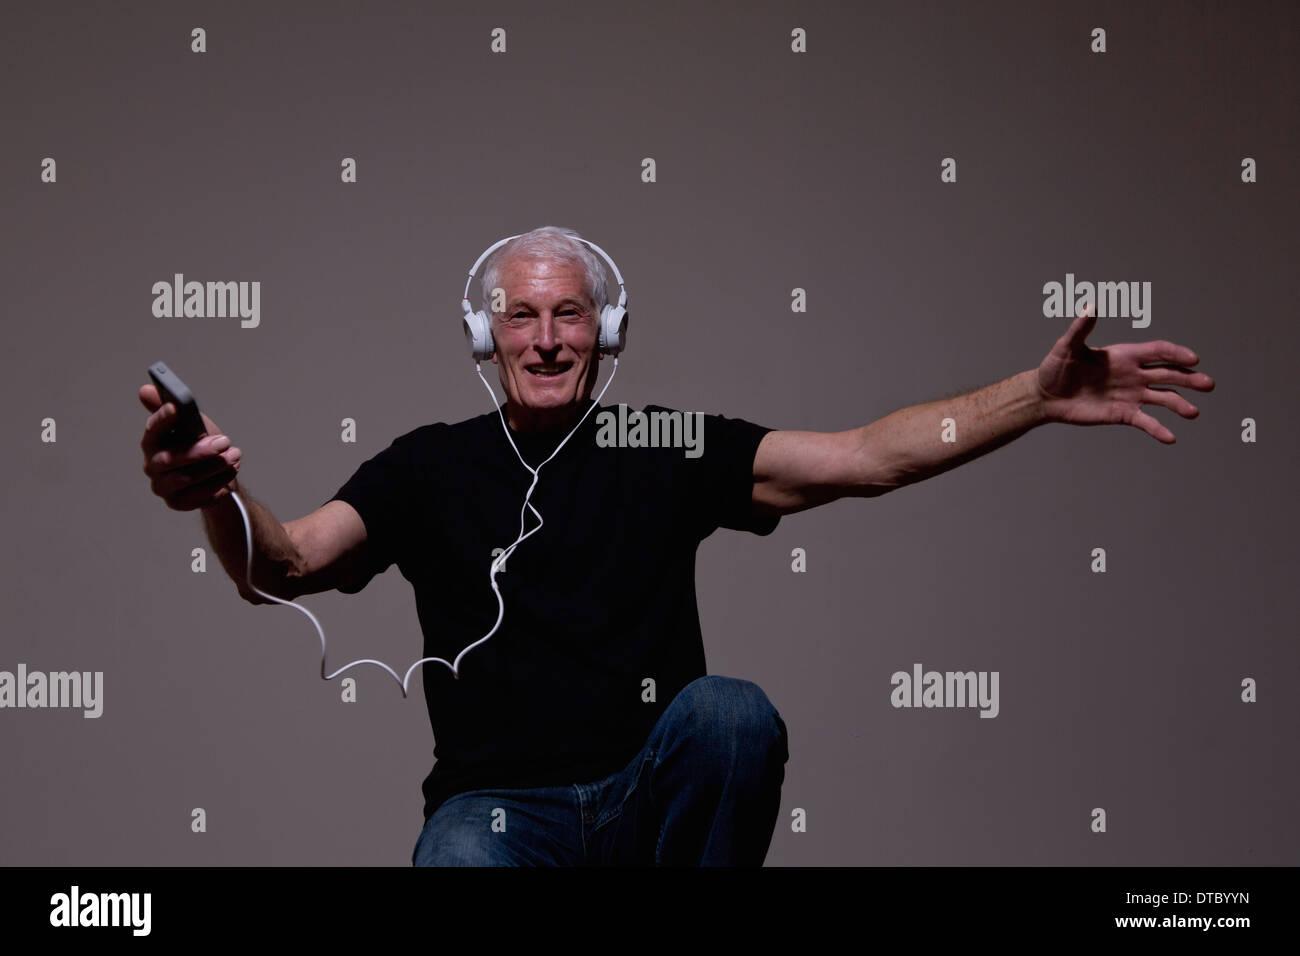 Retrato del hombre senior bailando en los auriculares del reproductor de MP3 Imagen De Stock